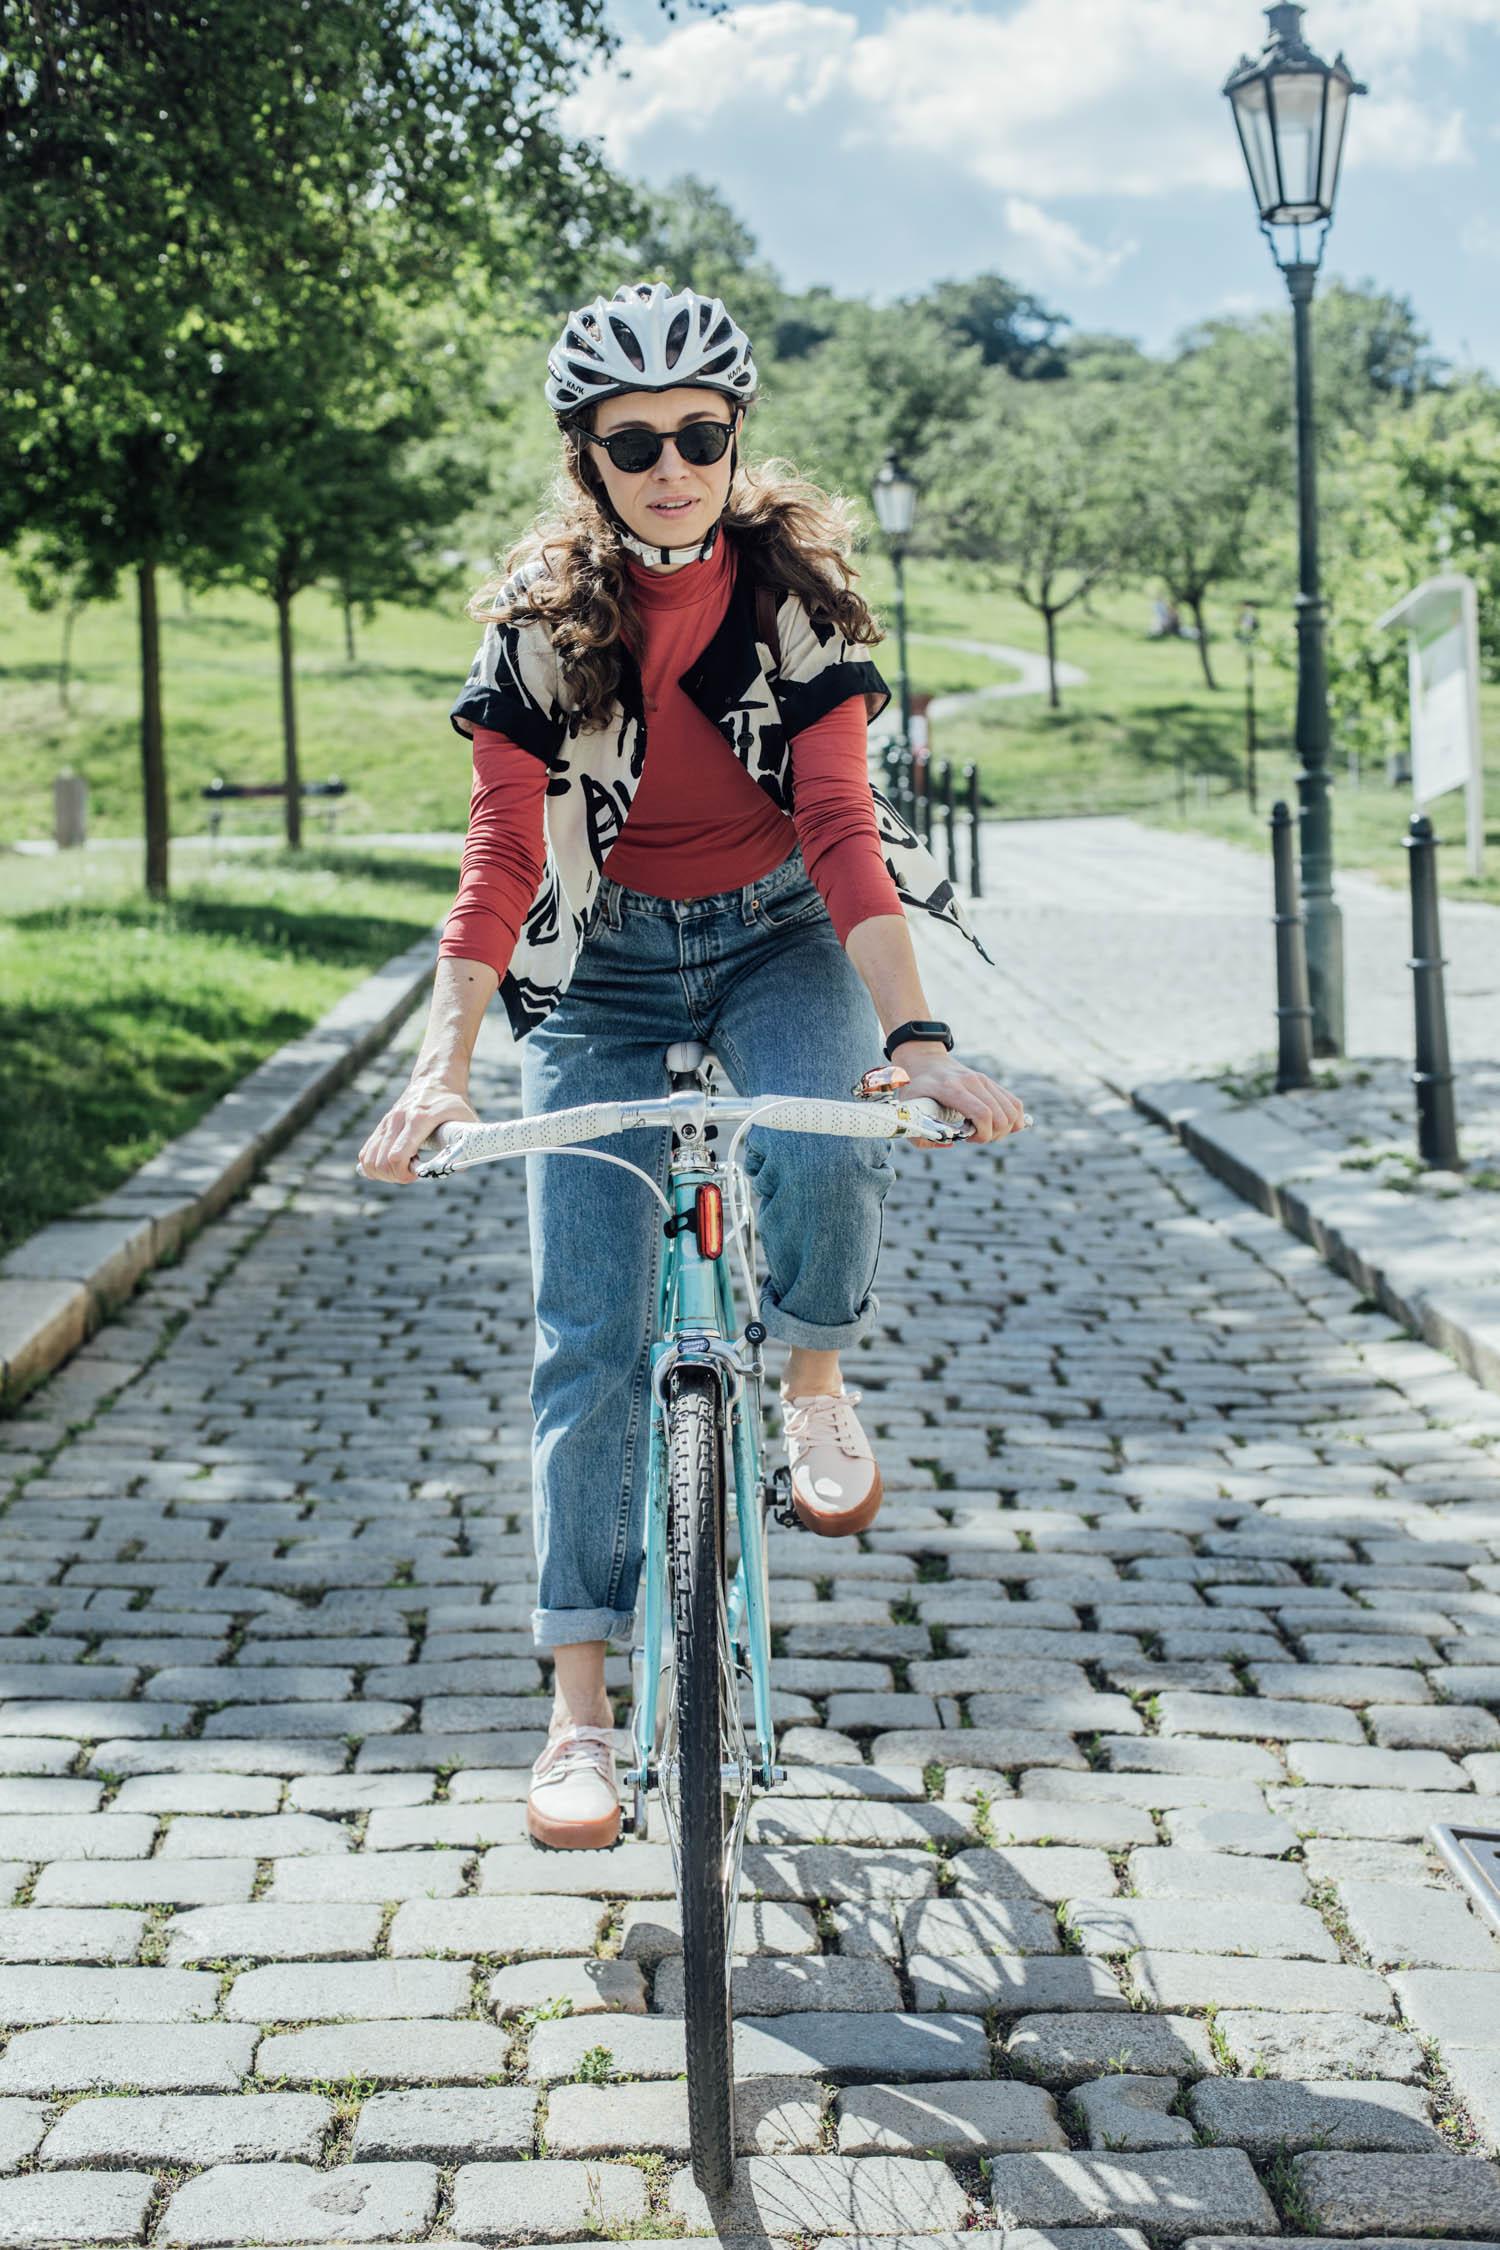 jana_travnickova_women_bicycle_repete_holkynakole_3